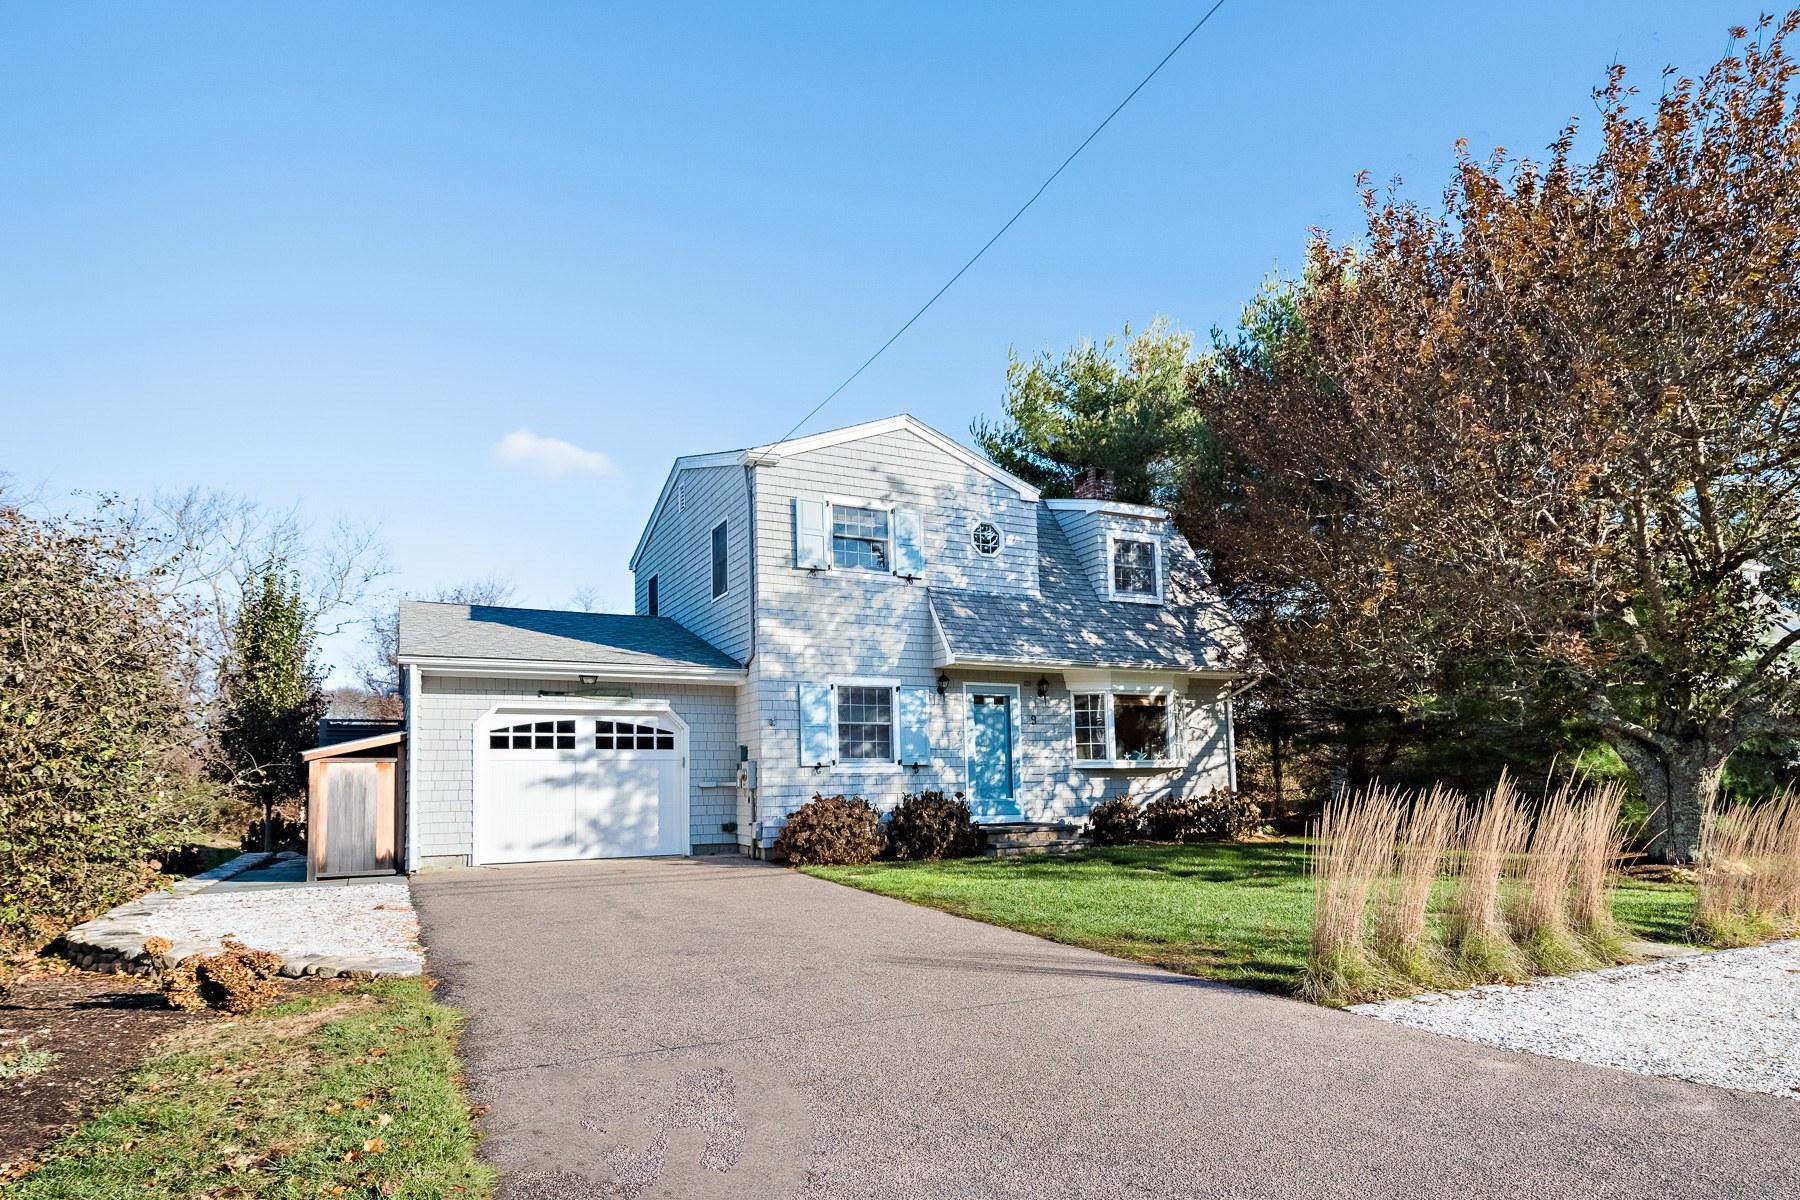 独户住宅 为 销售 在 9 Sunset Dr, Charlestown, RI 查尔斯顿, 罗得岛, 02813 美国